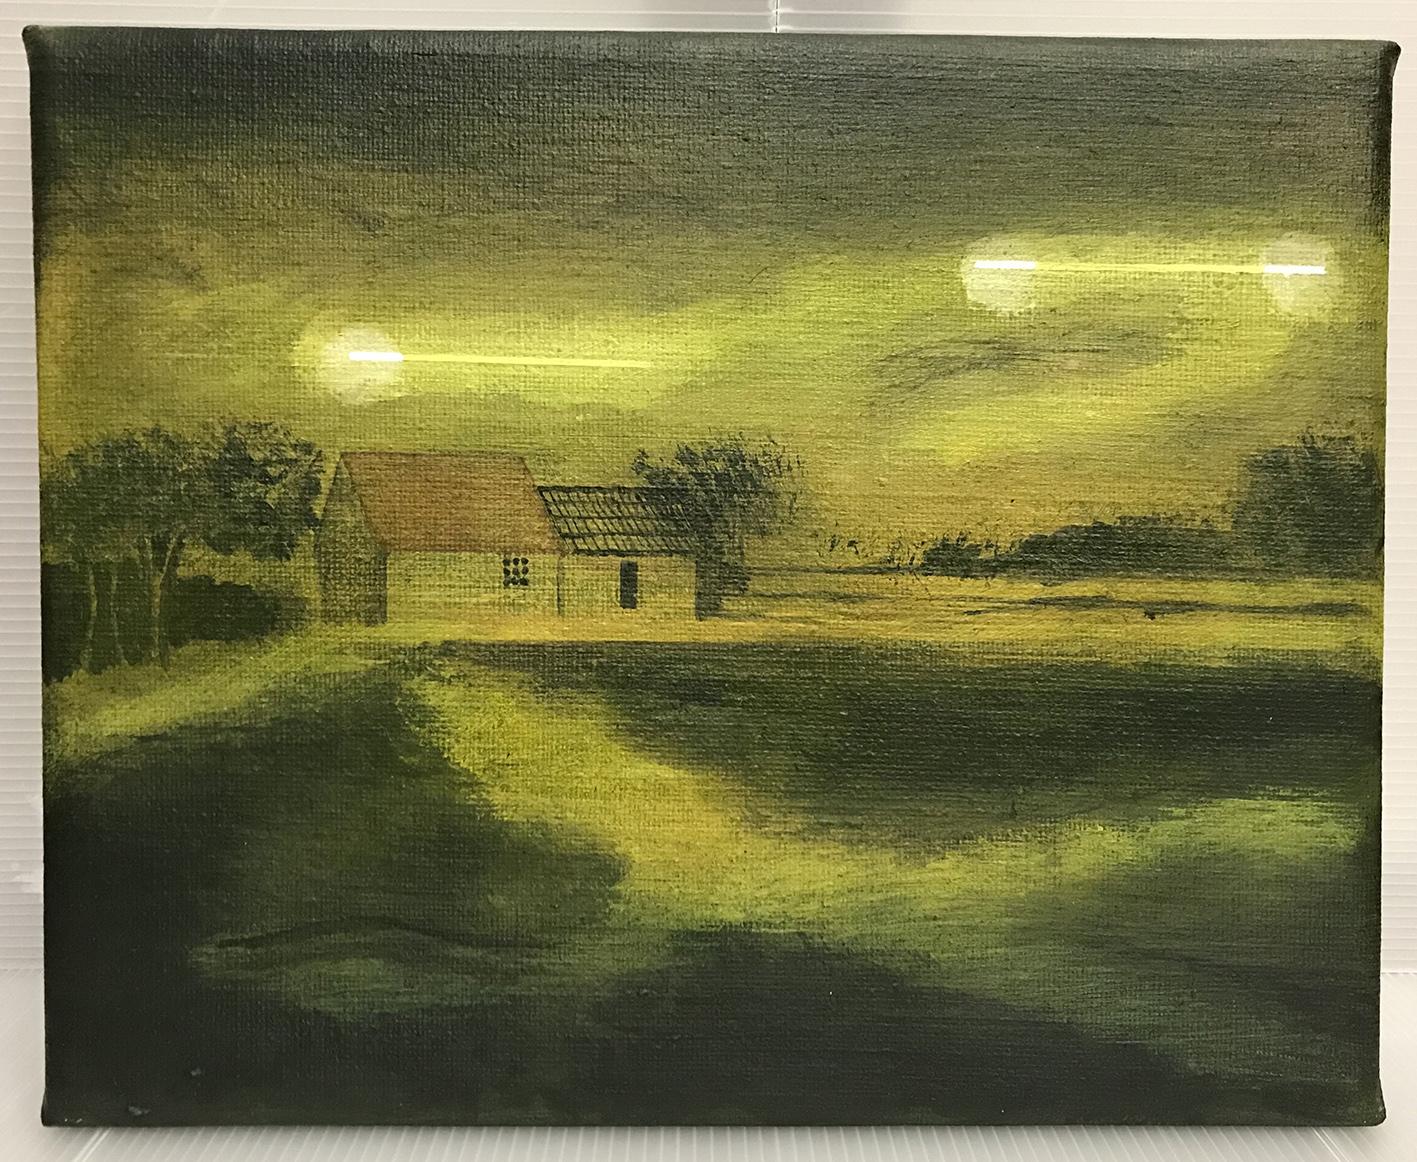 Vincent Land Gogh 6 (22x27cm) 2020